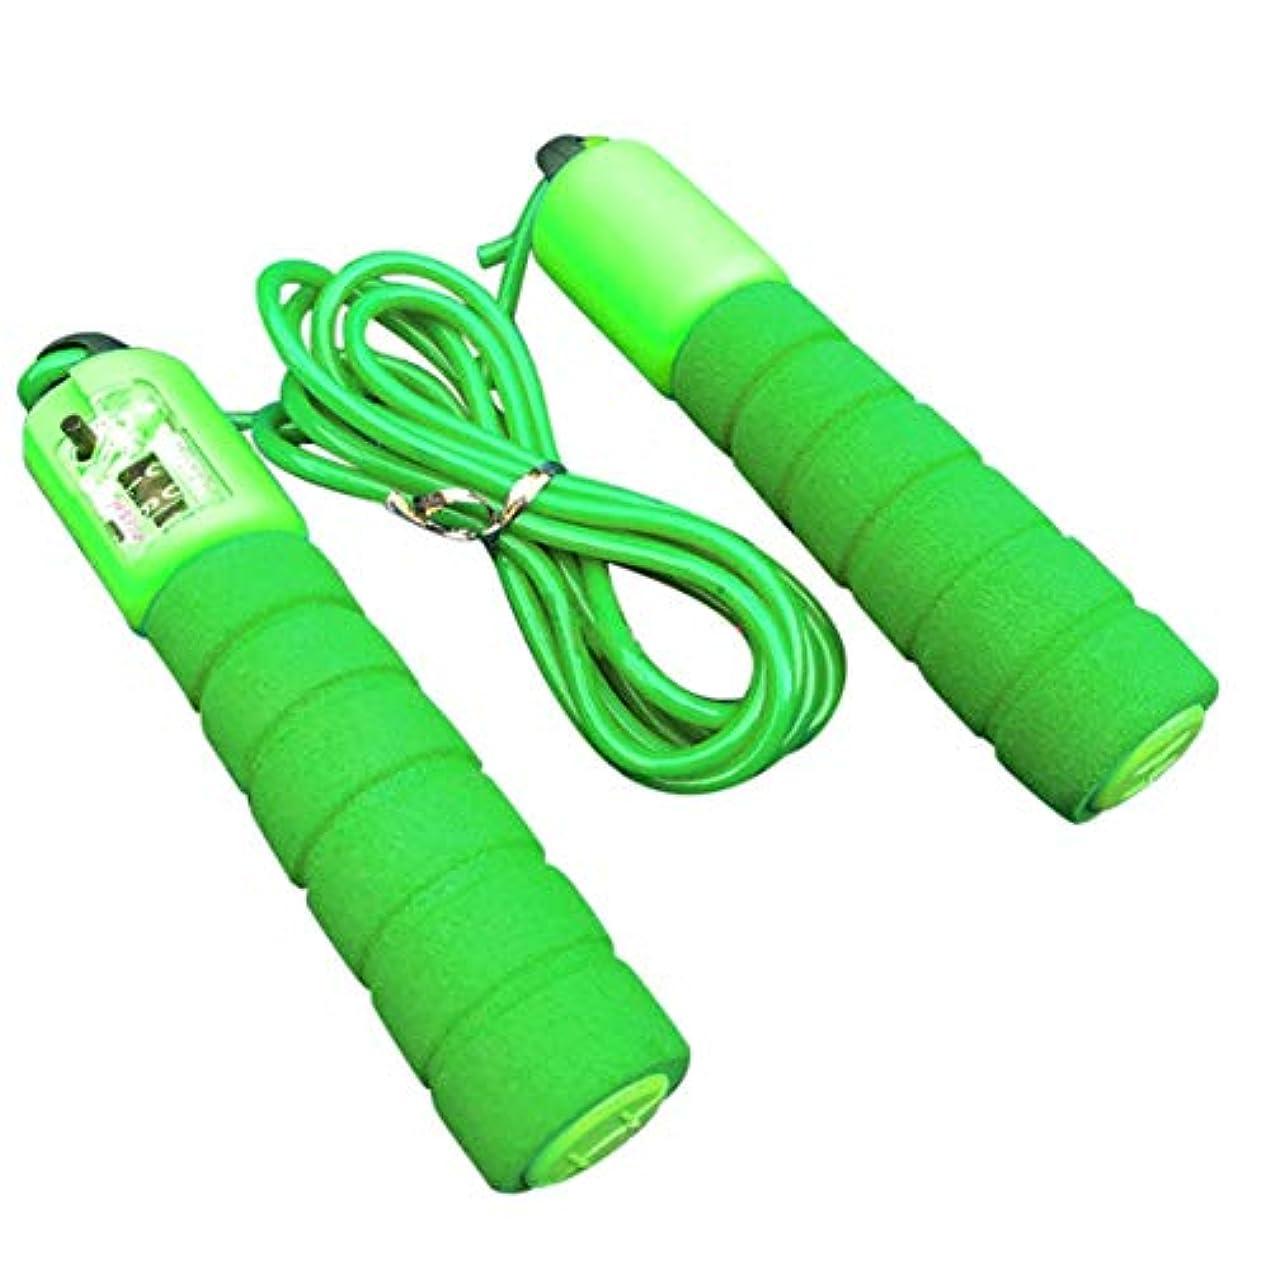 不器用危機近代化する調節可能なプロフェッショナルカウント縄跳び自動カウントジャンプロープフィットネス運動高速カウントジャンプロープ - グリーン